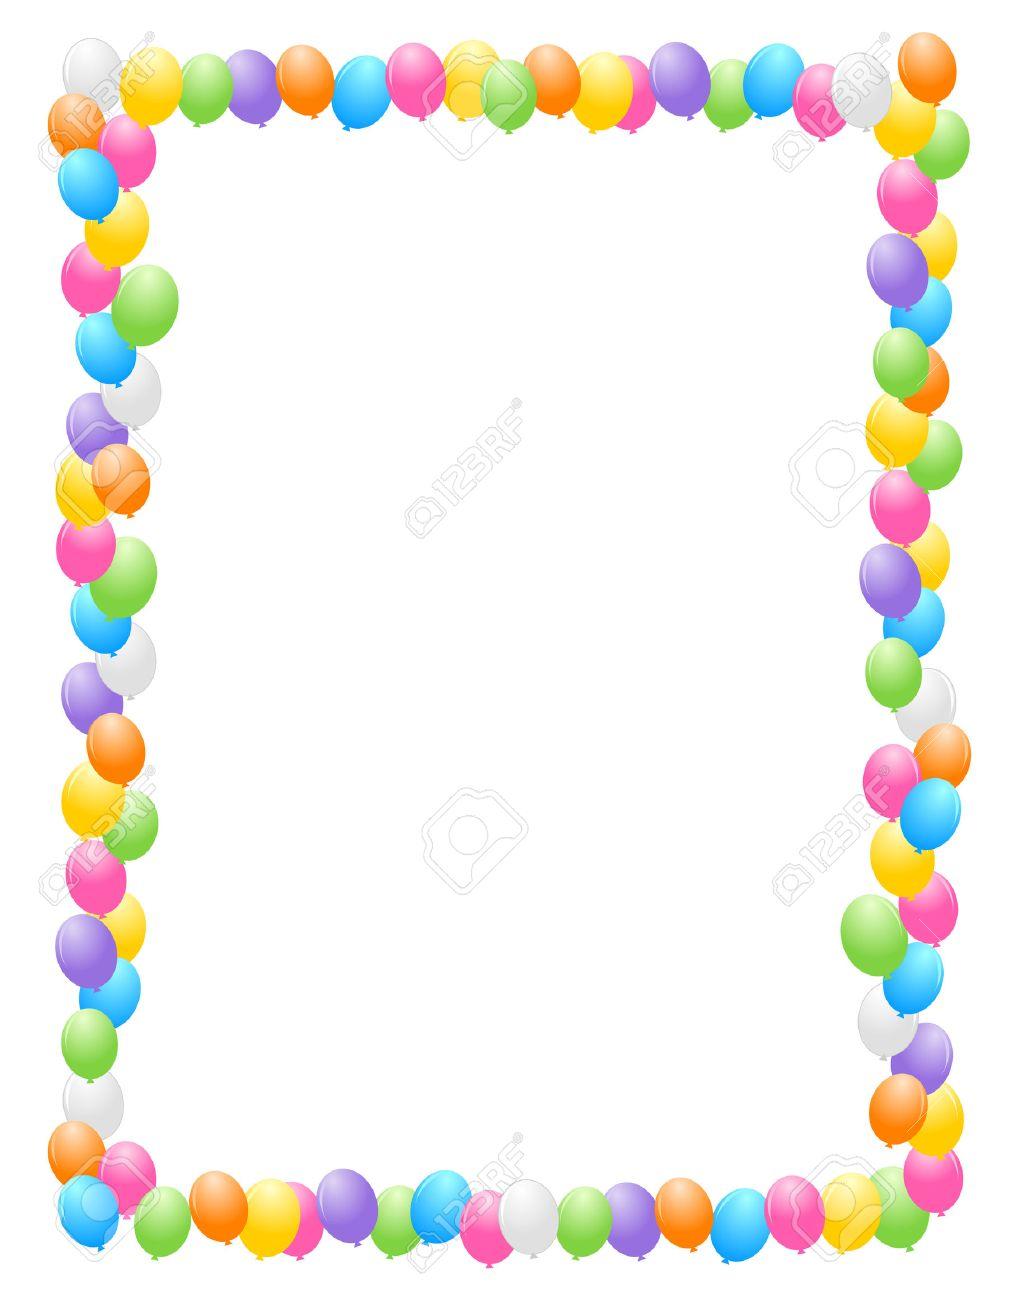 Bunte Luftballons Grenze / Rahmen Illustration Für